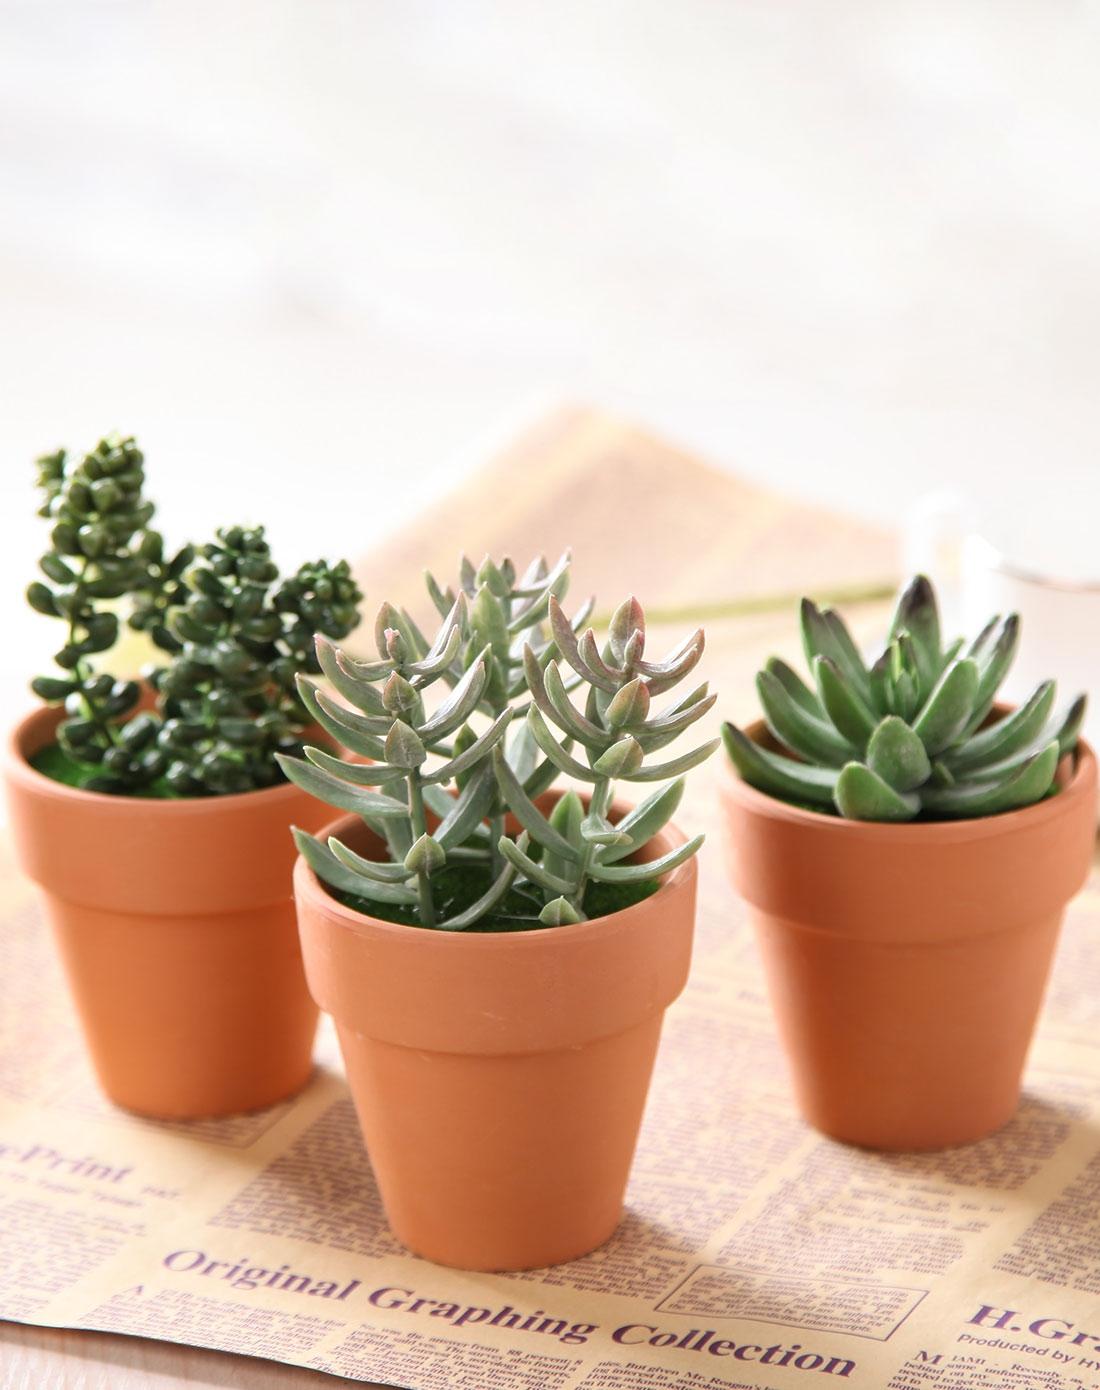 仿真沙漠植物盆栽三件组合